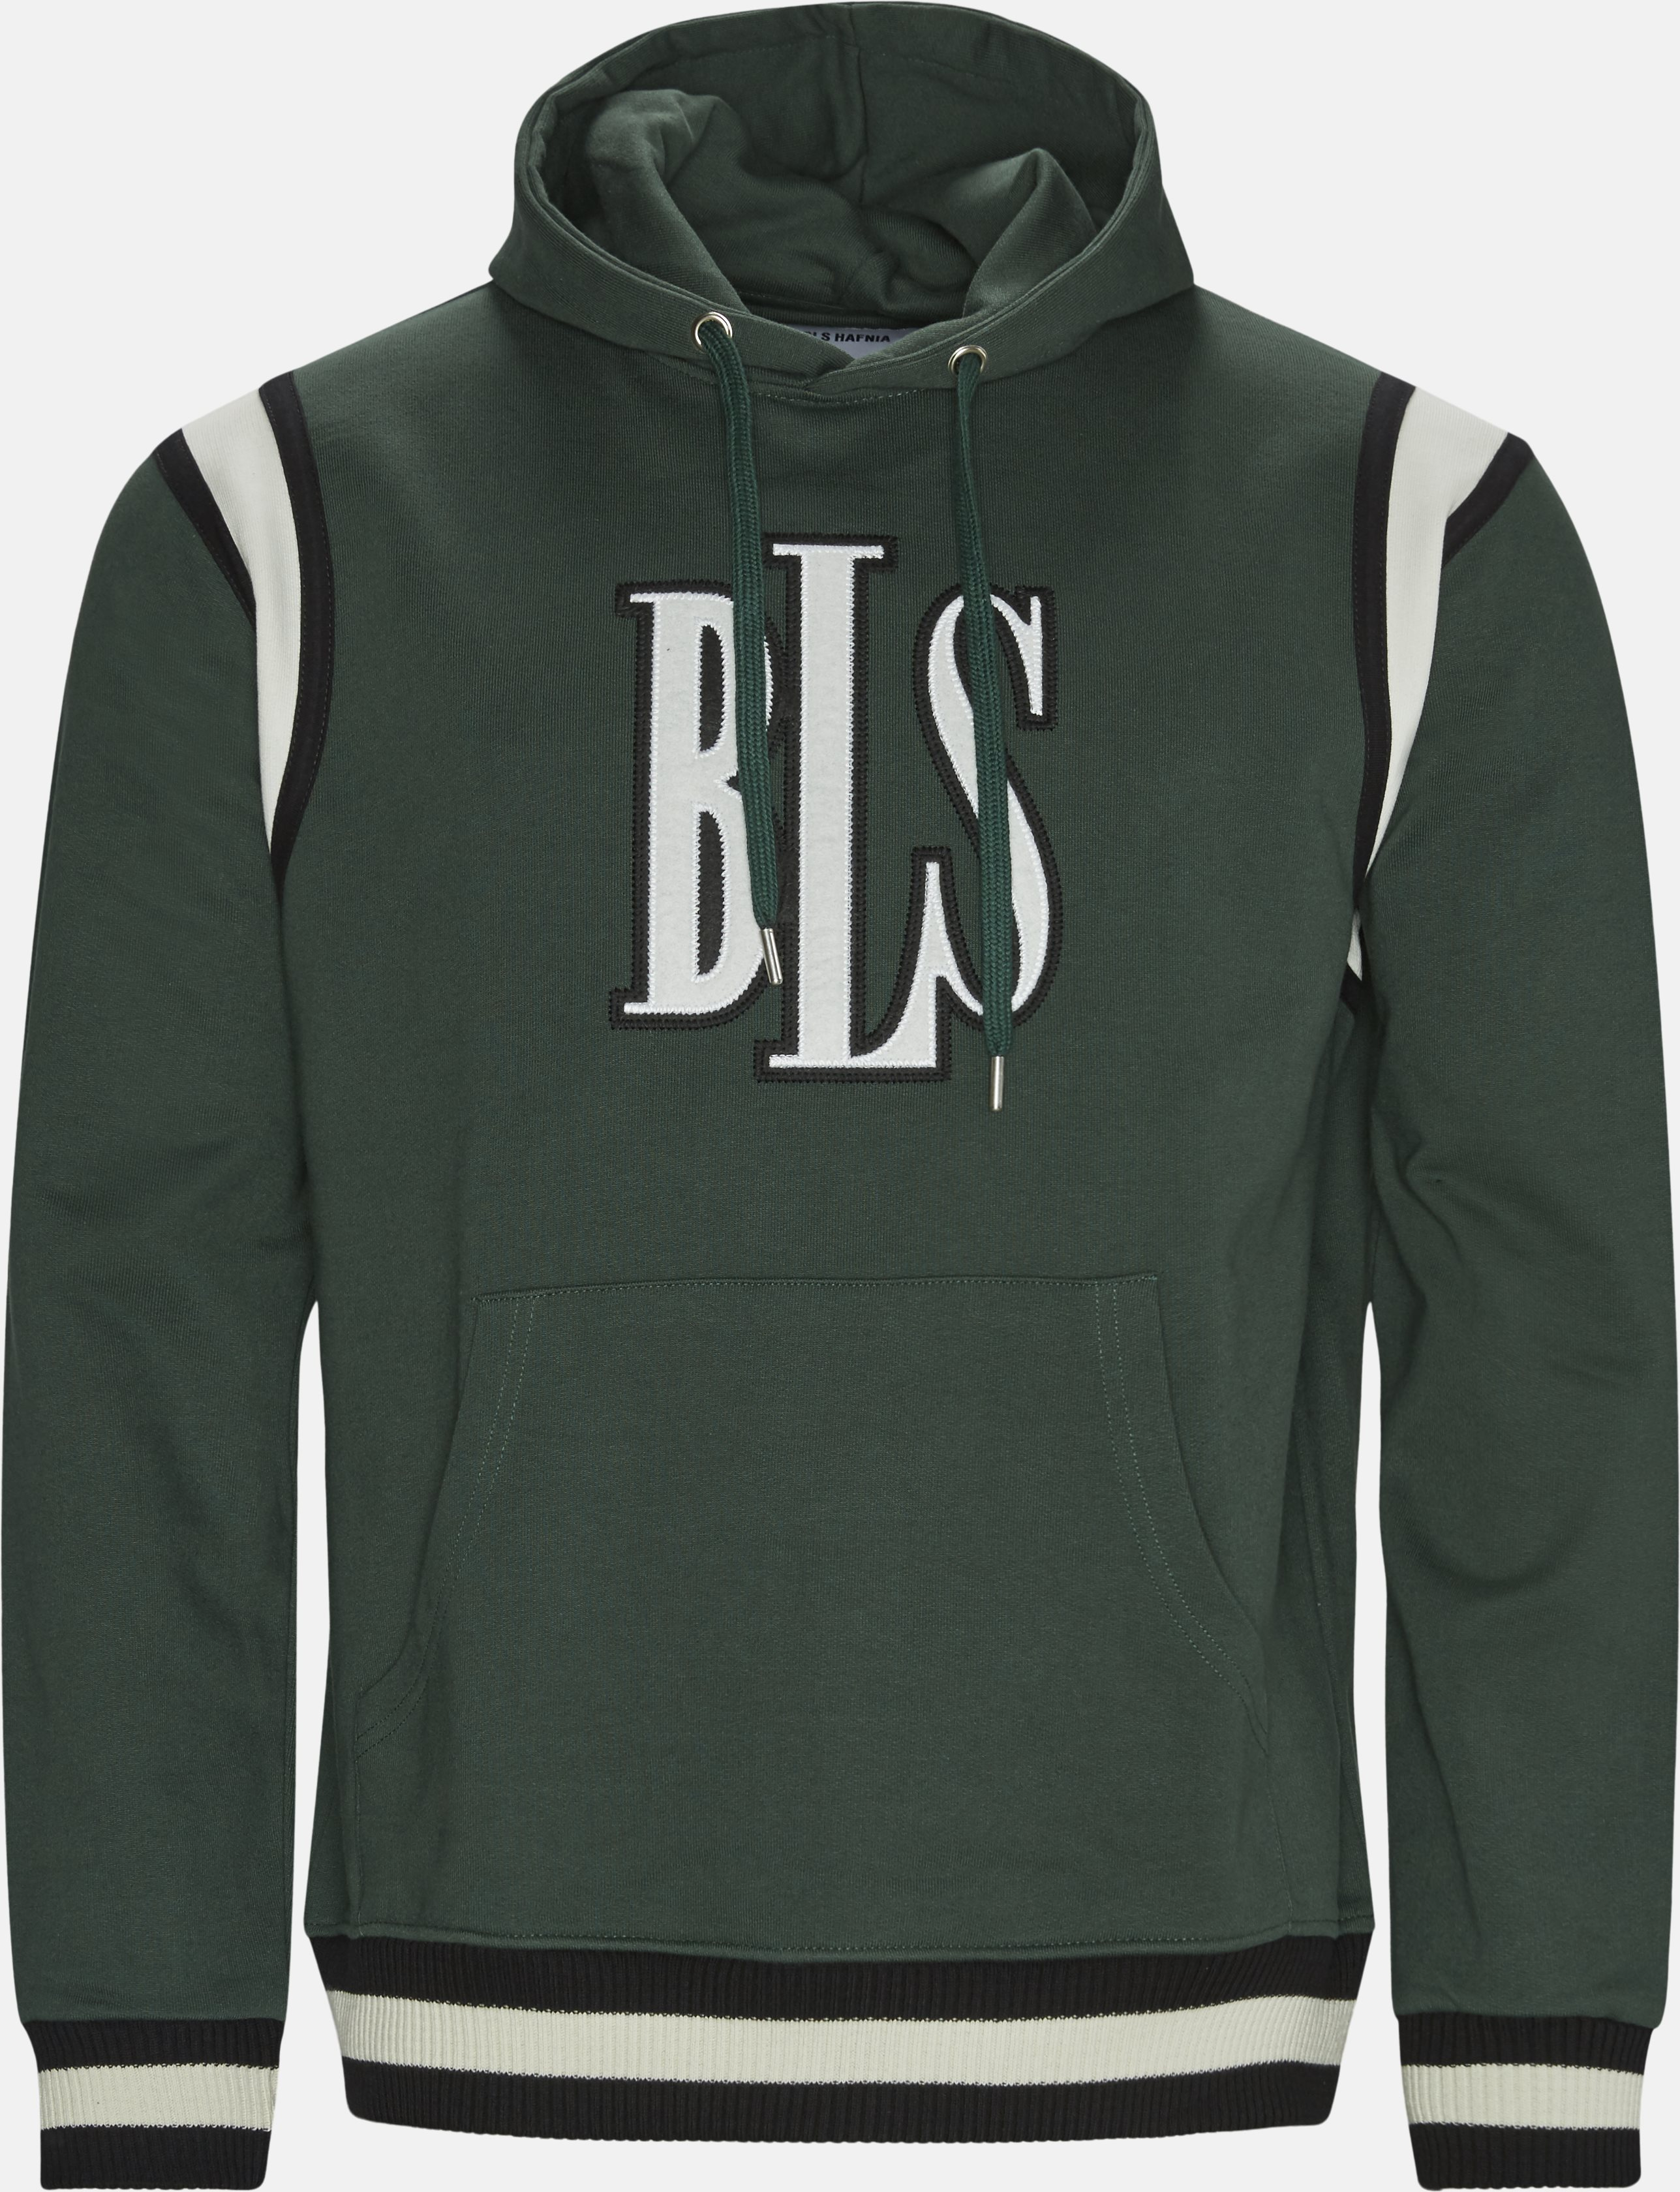 Hoodie  - Sweatshirts - Regular fit - Grøn